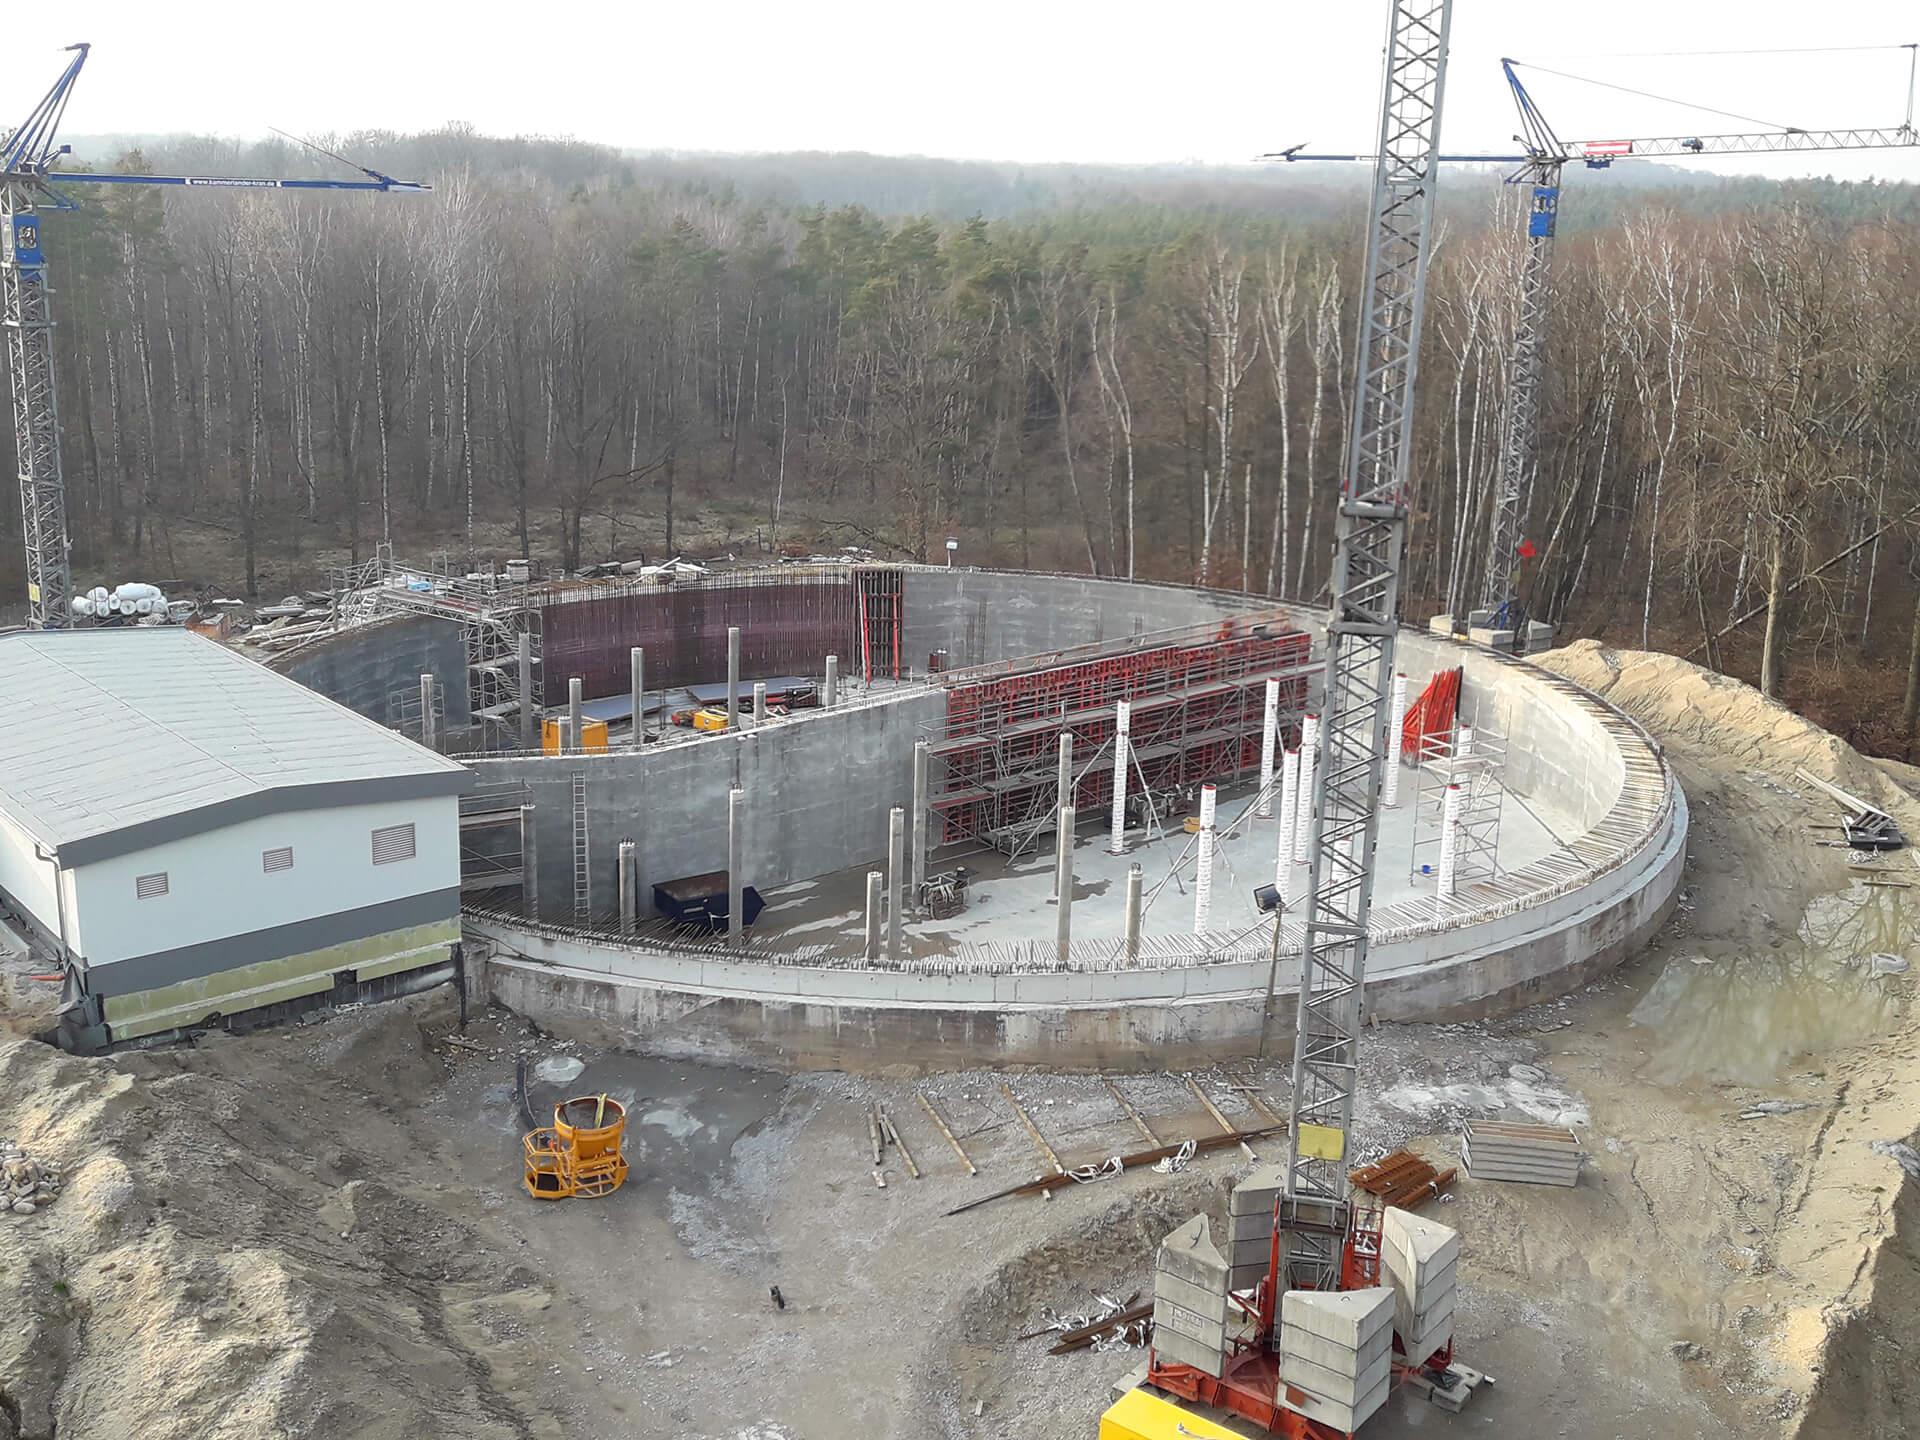 Blick auf die im Bau befindliche Wasserkammer 2, links im Bild das neue Schiebergebäude und ganz links das Eingangsbauwerk zur bereits fertigen Wasserkammer 1